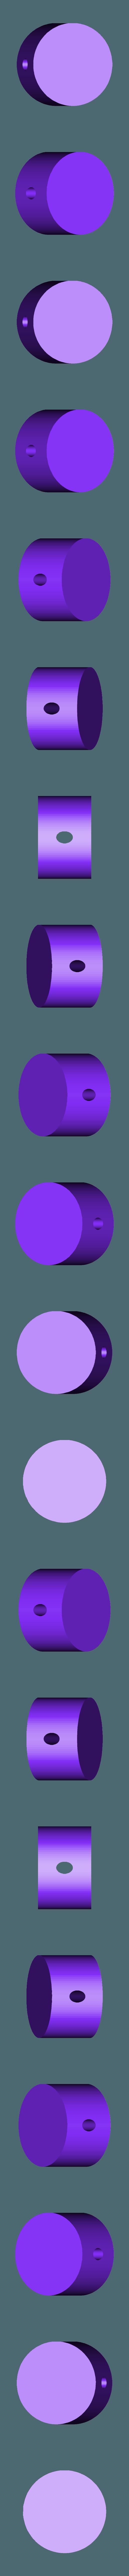 yoyo_centro.stl Télécharger fichier STL gratuit Spiderman yoyo • Modèle à imprimer en 3D, lolo_aguirre